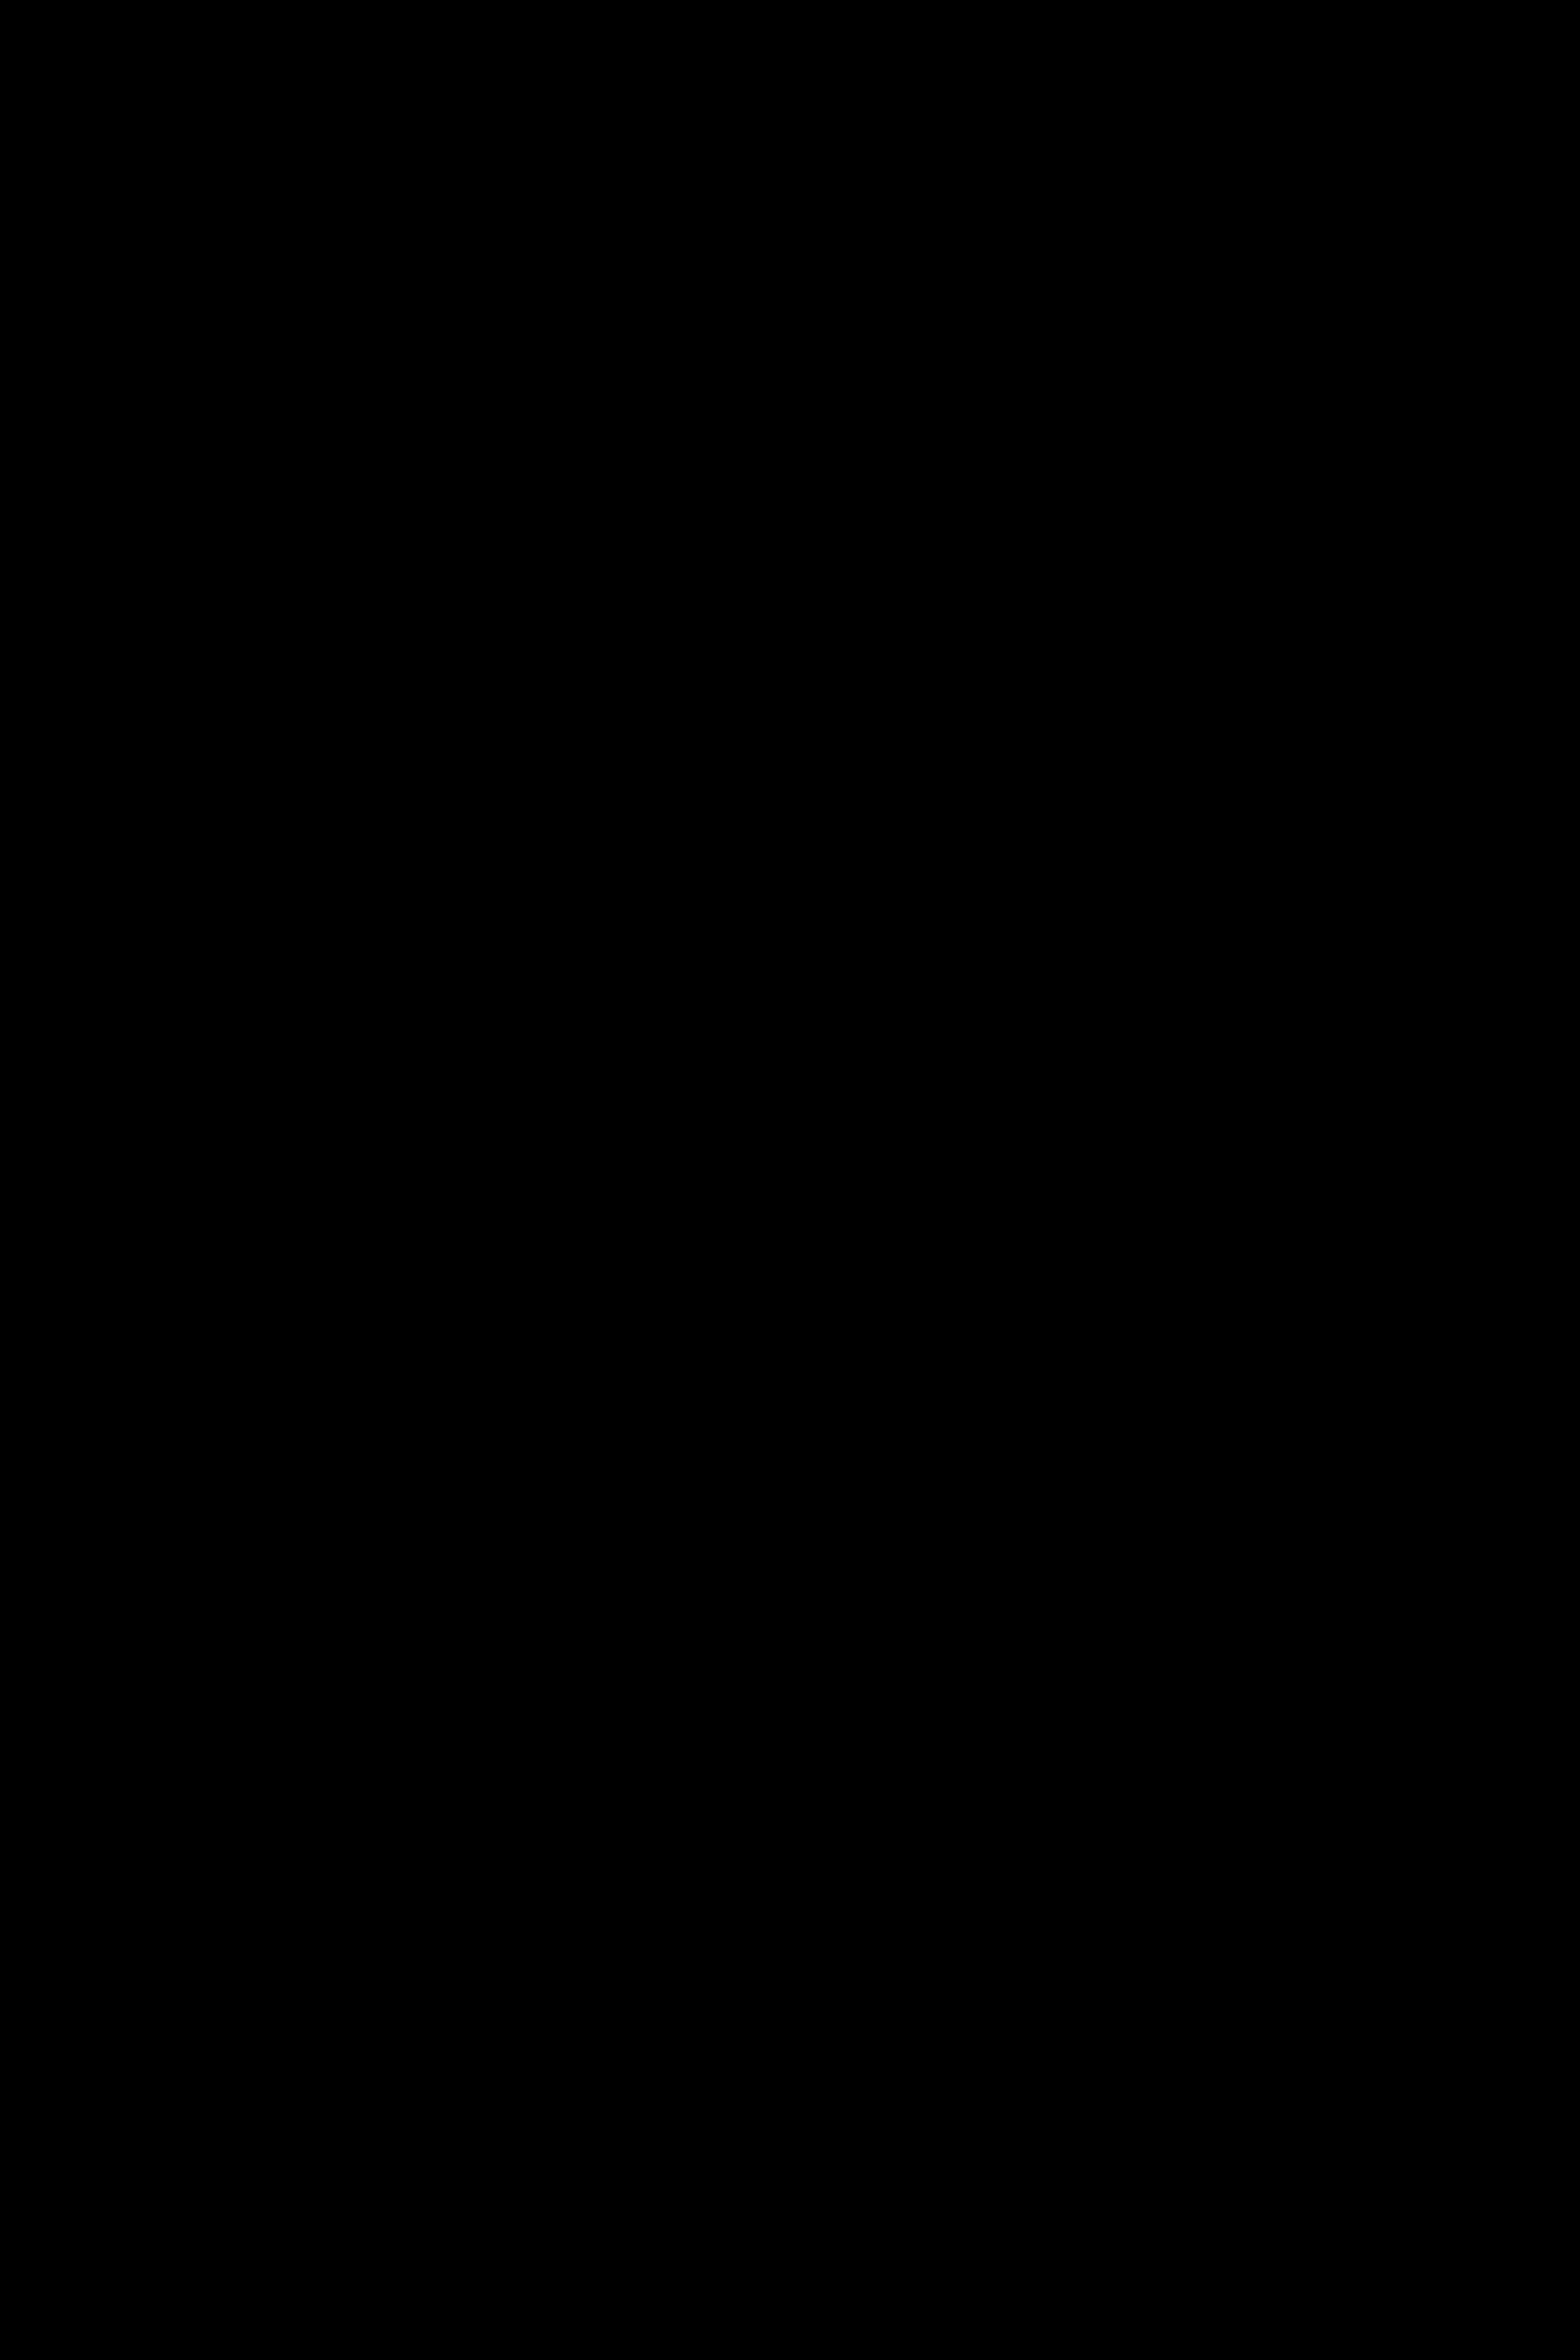 Site Safety Sign Underground Services 10 MPH Speed